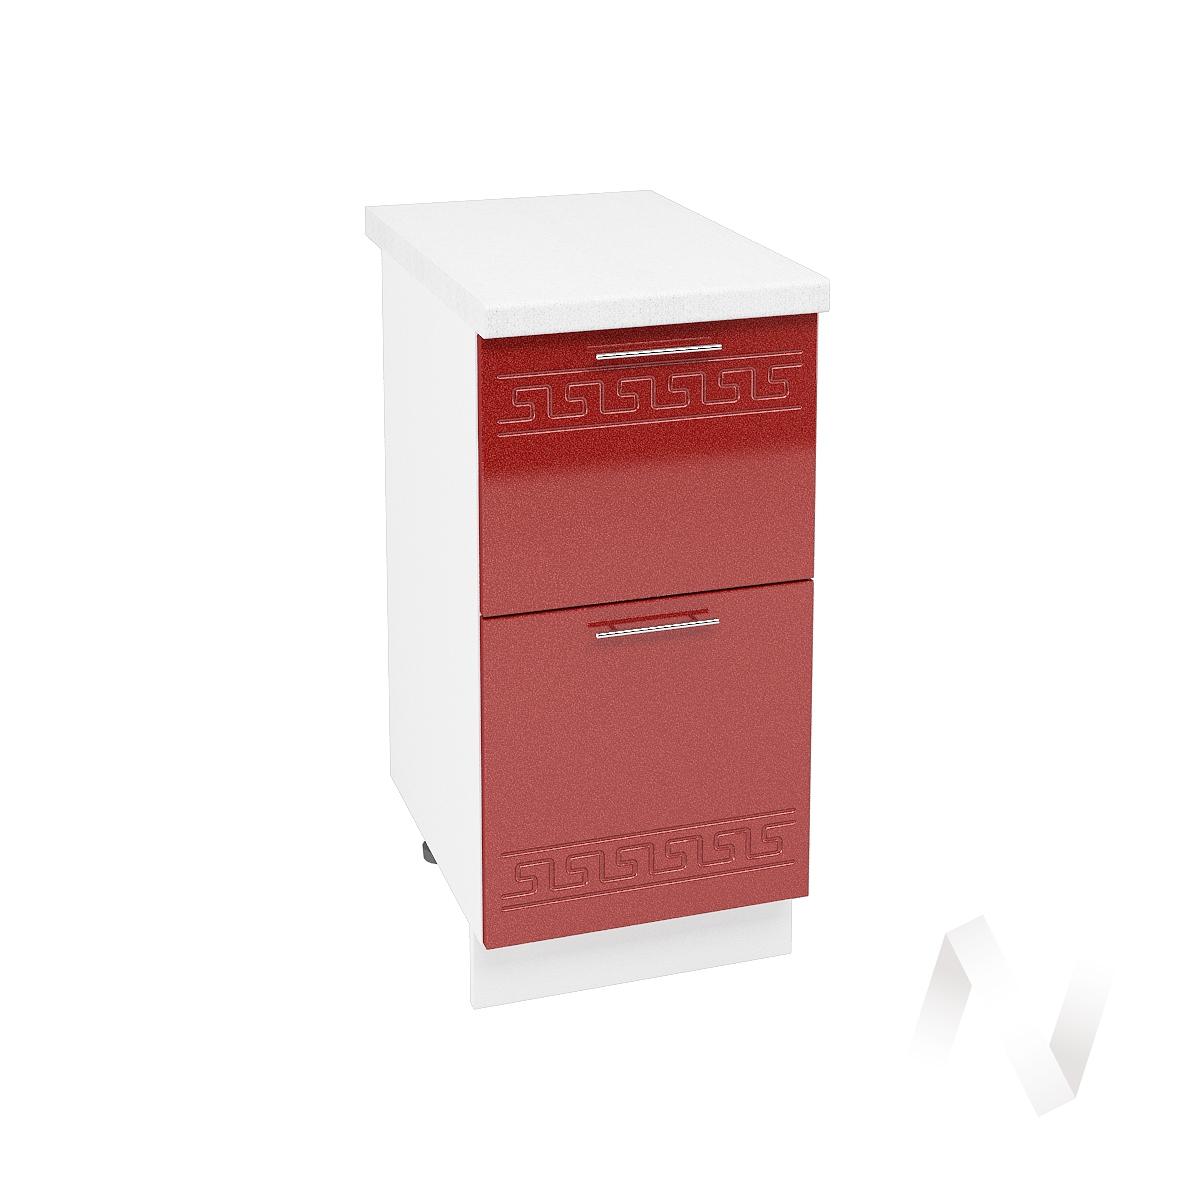 """Кухня """"Греция"""": Шкаф нижний с 2-мя ящиками 400, ШН2Я 400 (гранатовый металлик/корпус белый)"""